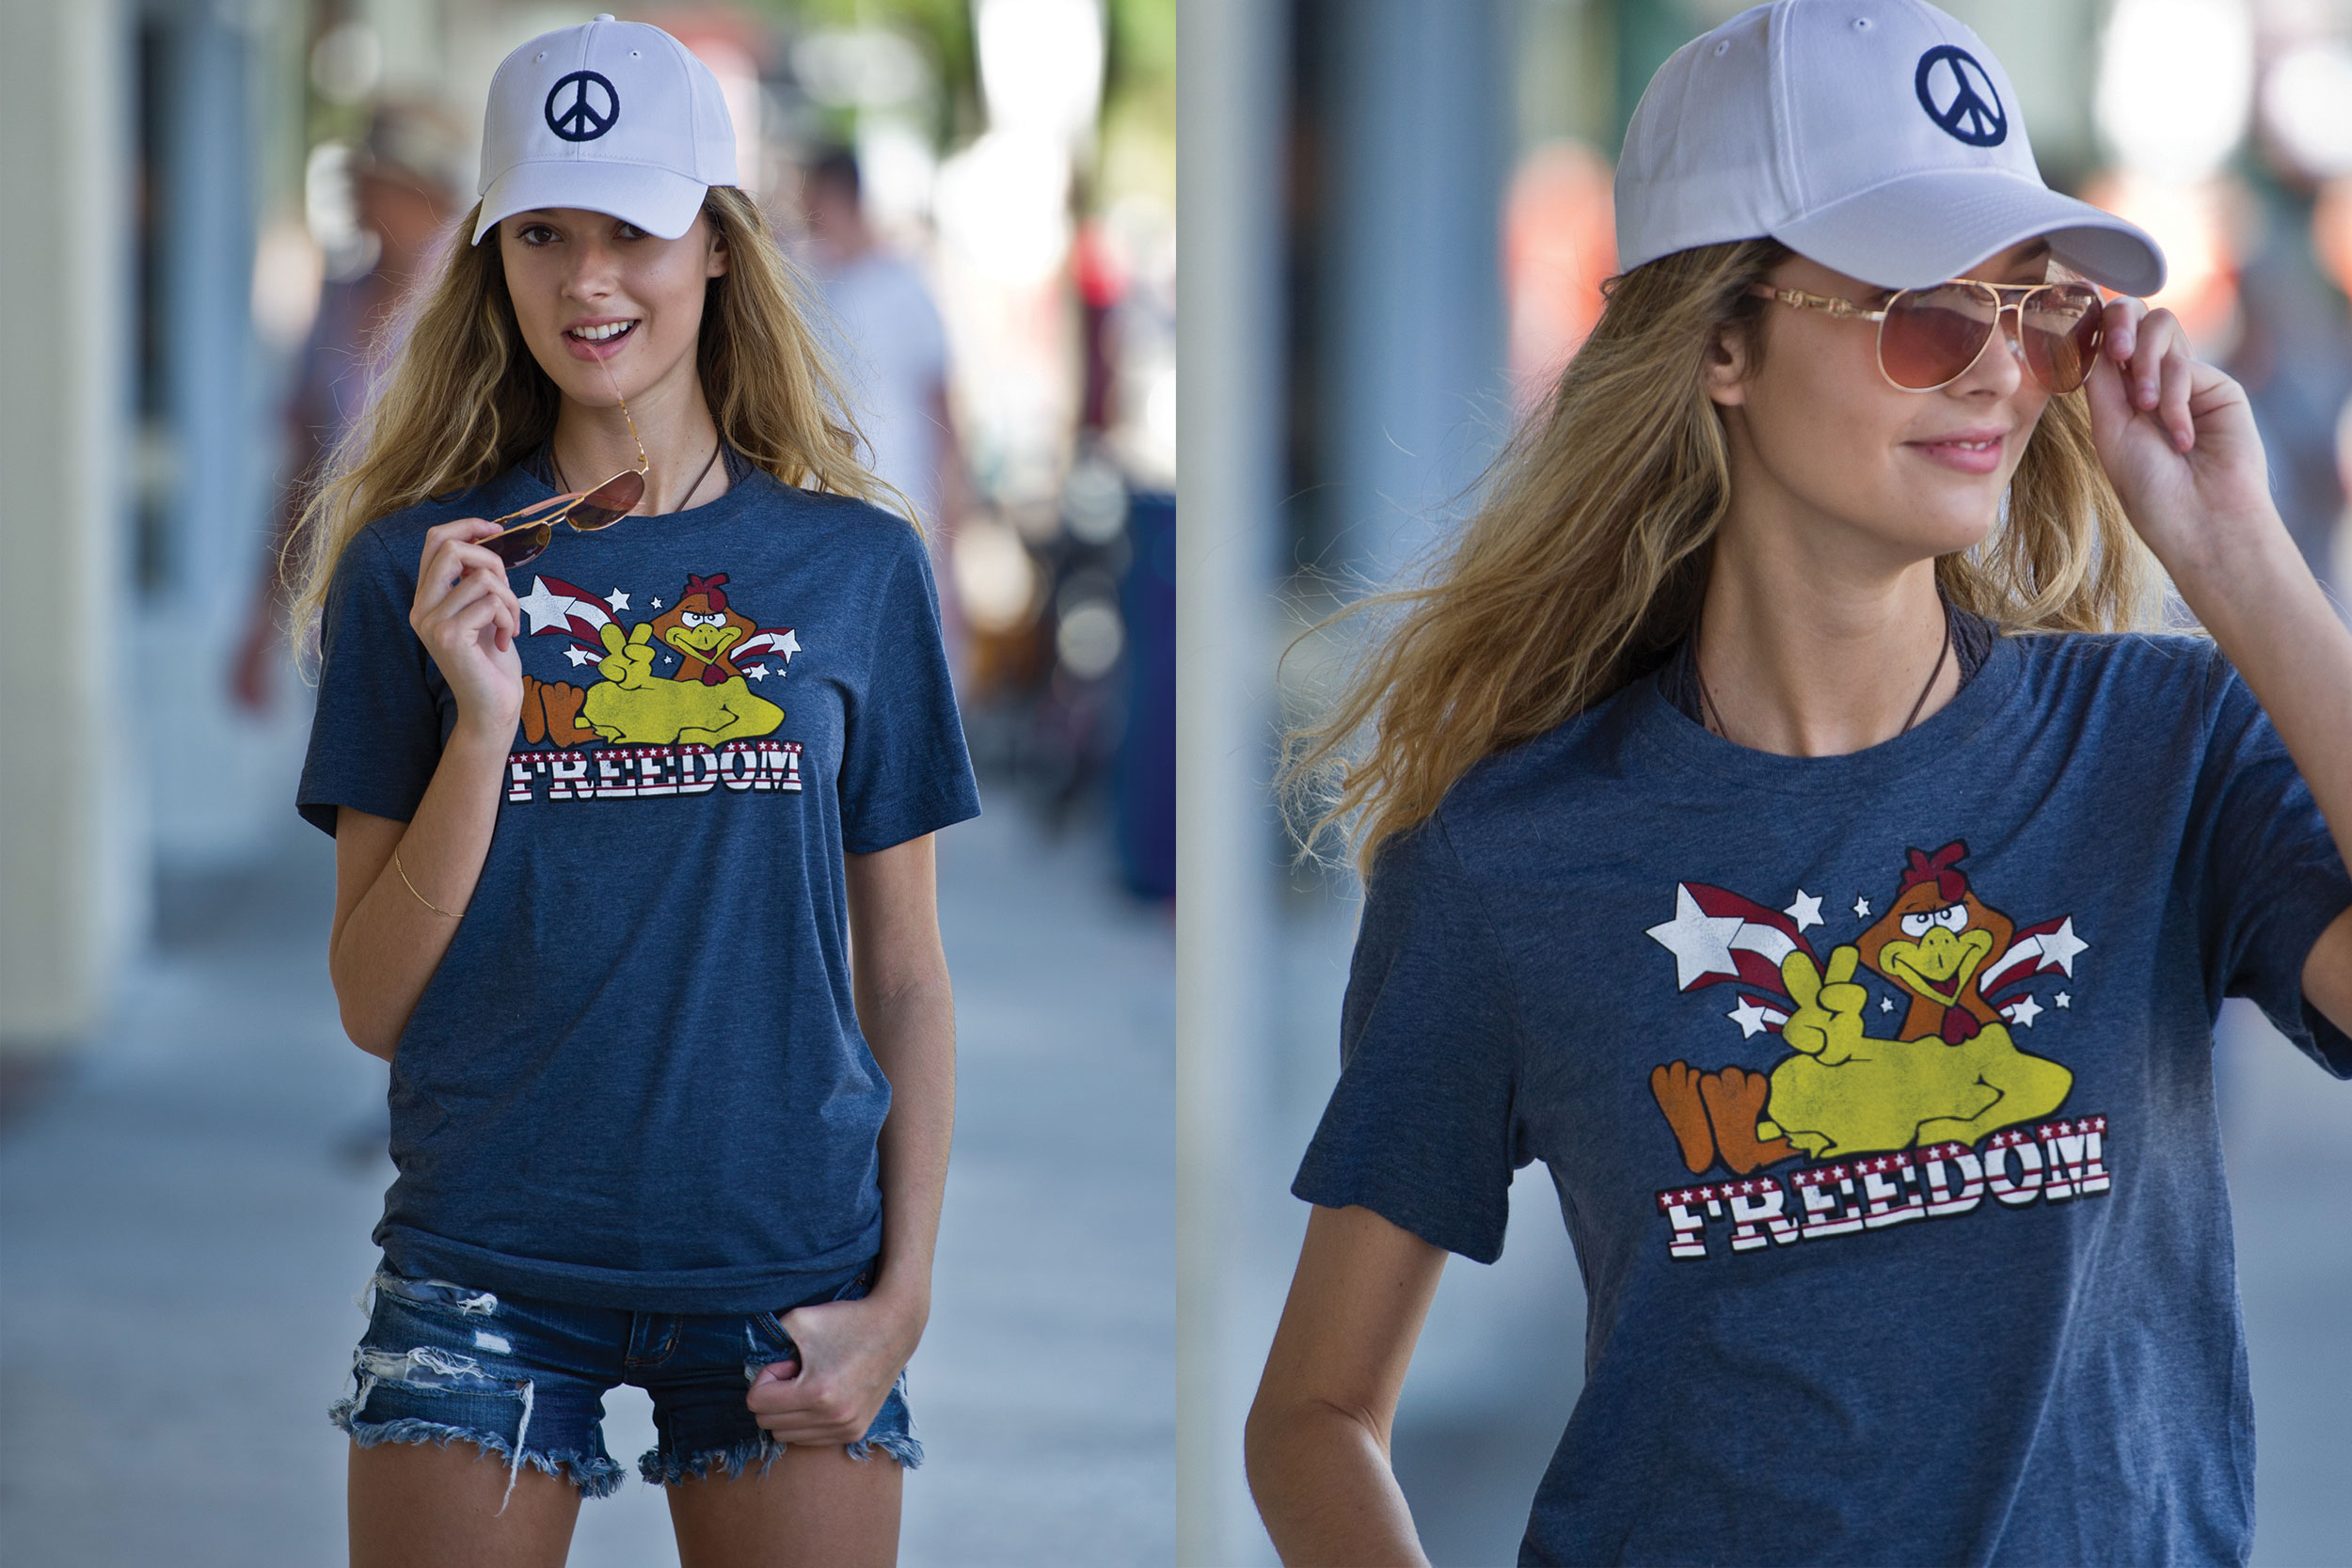 Taylor_PeaceFreedom.jpg